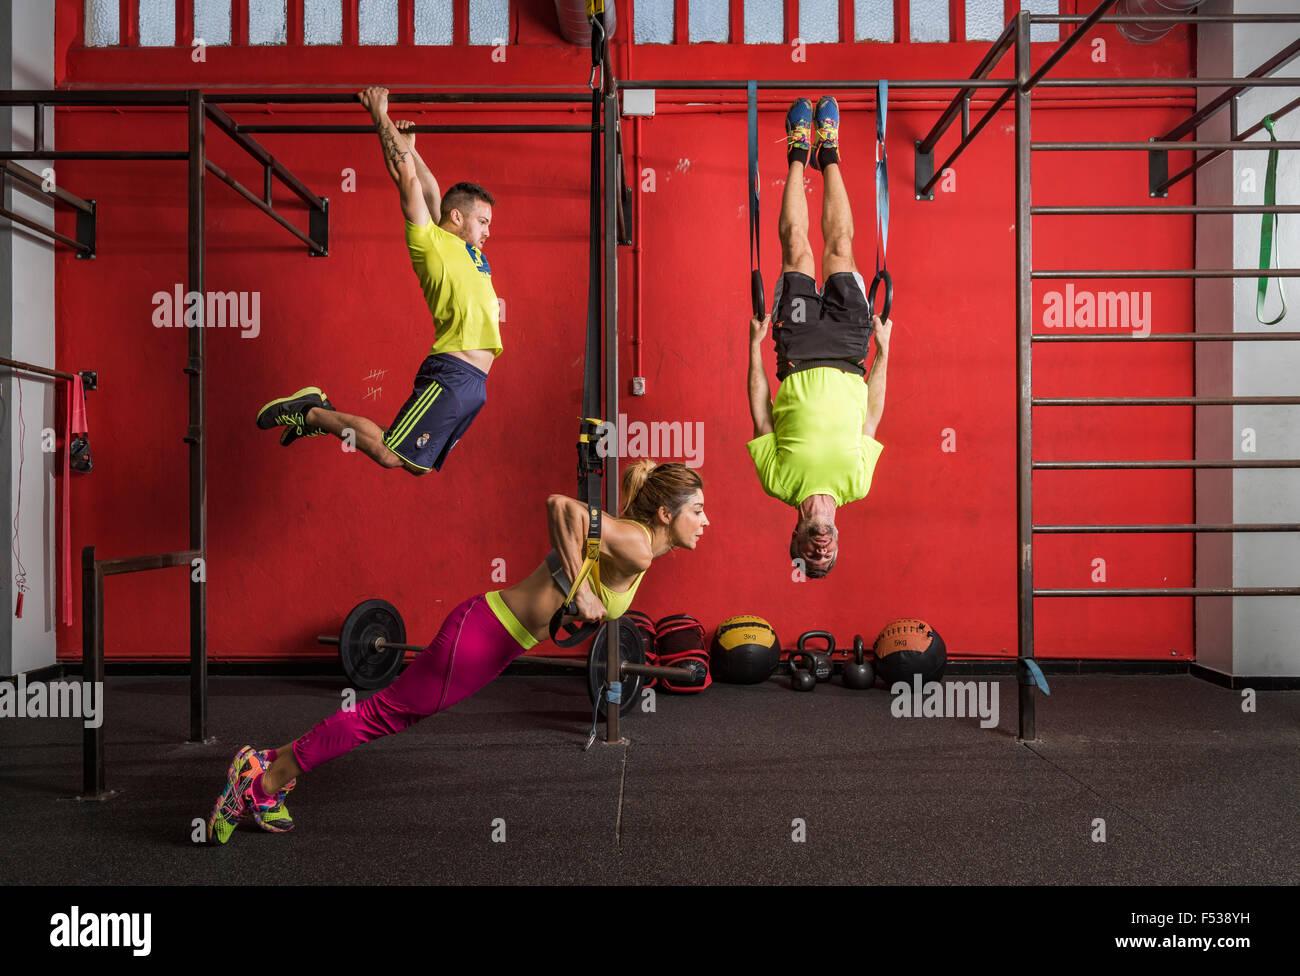 Les gens dans une salle de sport faire des exercices Crossfit. Photo Stock